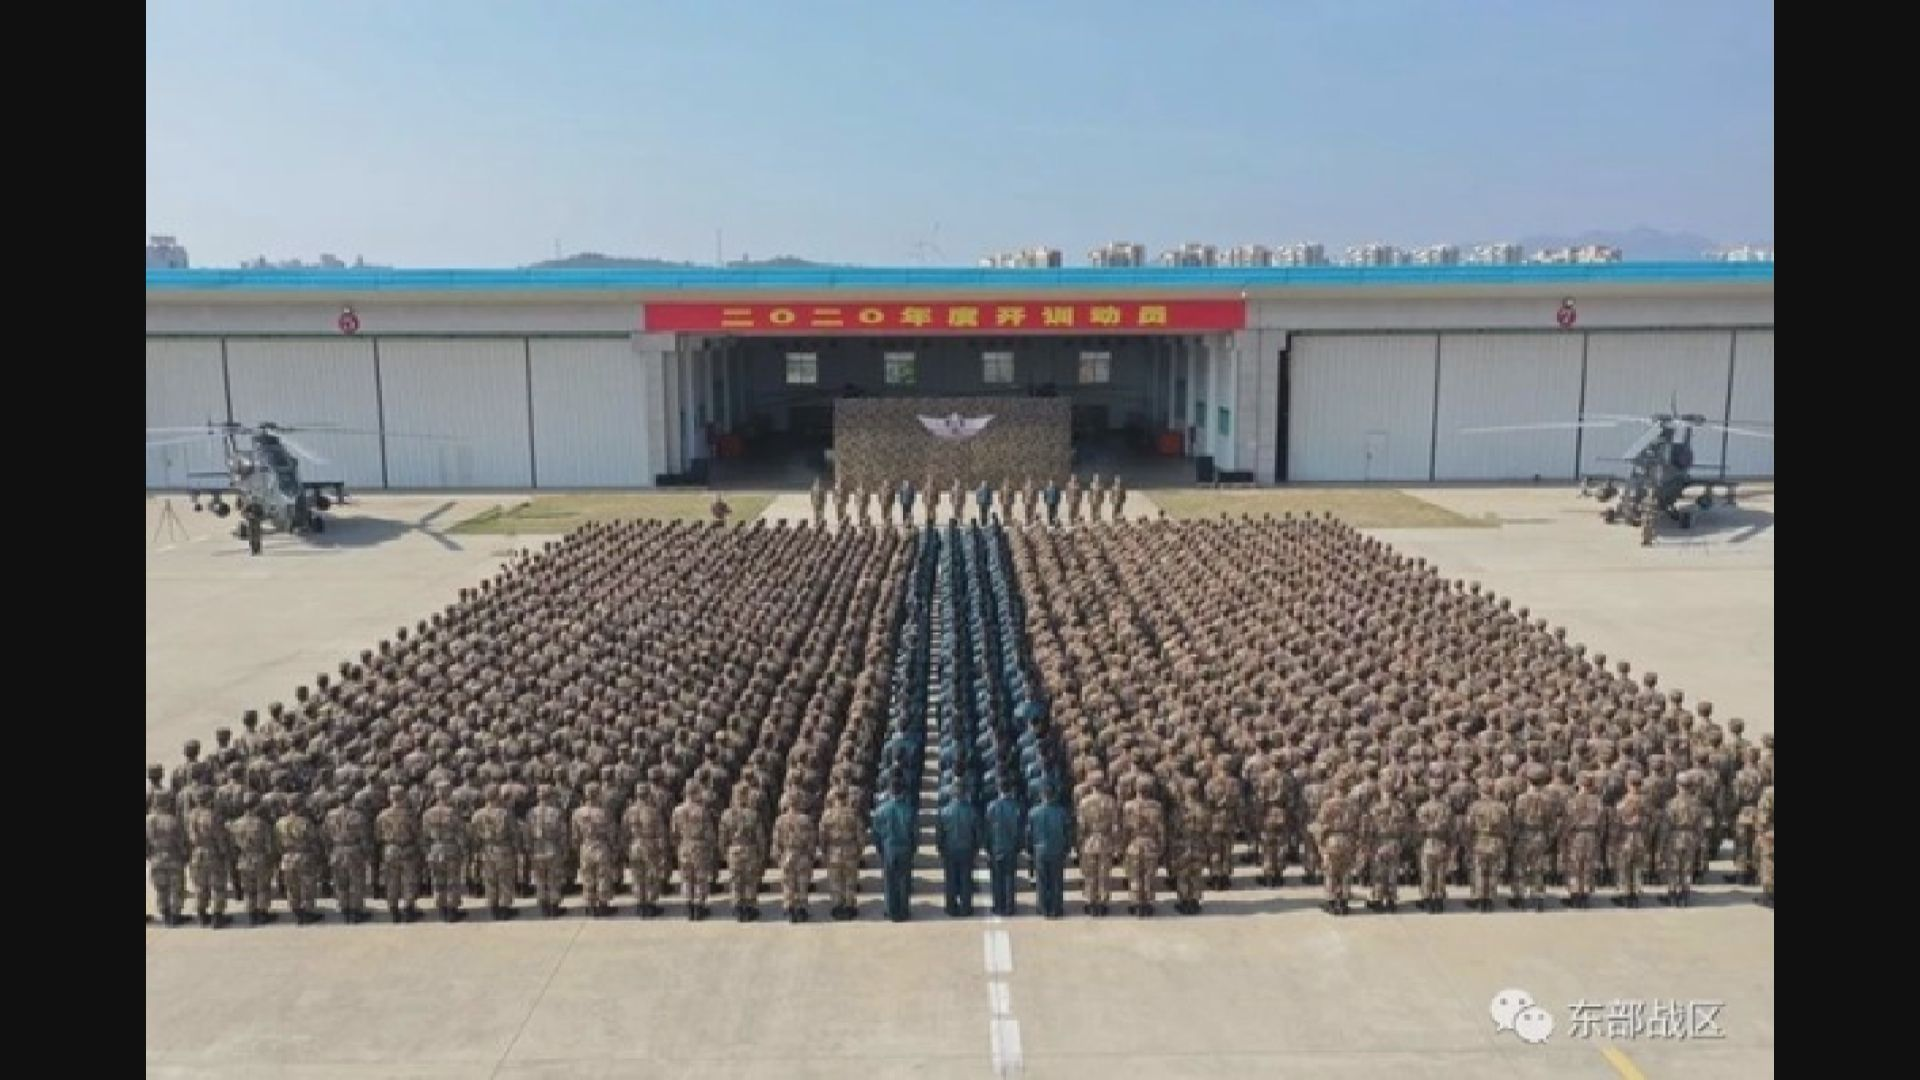 東部戰區第73集團軍於台灣大選日開訓